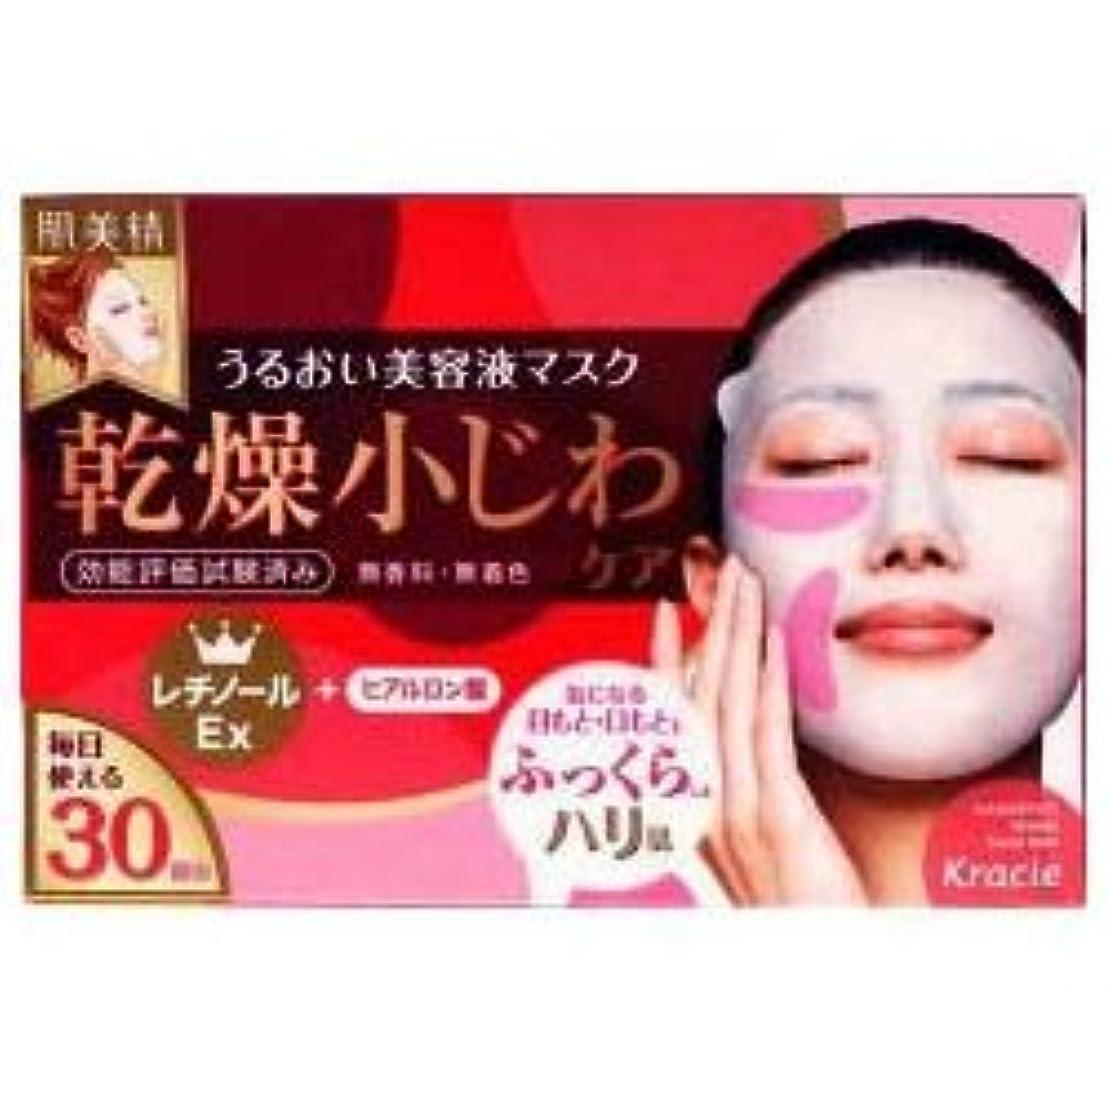 封建シンプトン乳【クラシエ】肌美精 デイリーリンクルケア美容液マスク 30枚 ×20個セット